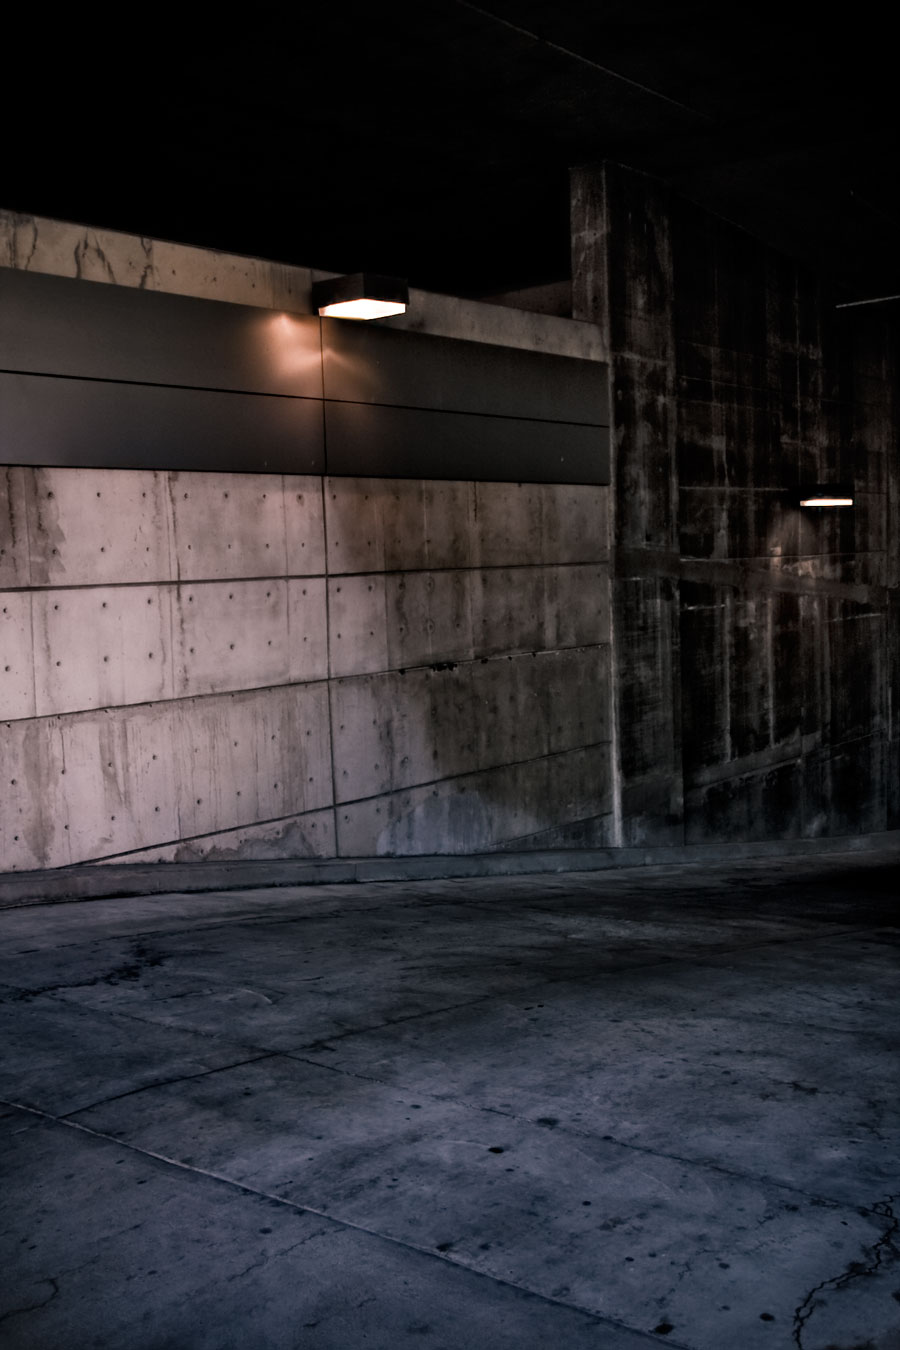 garages-7283